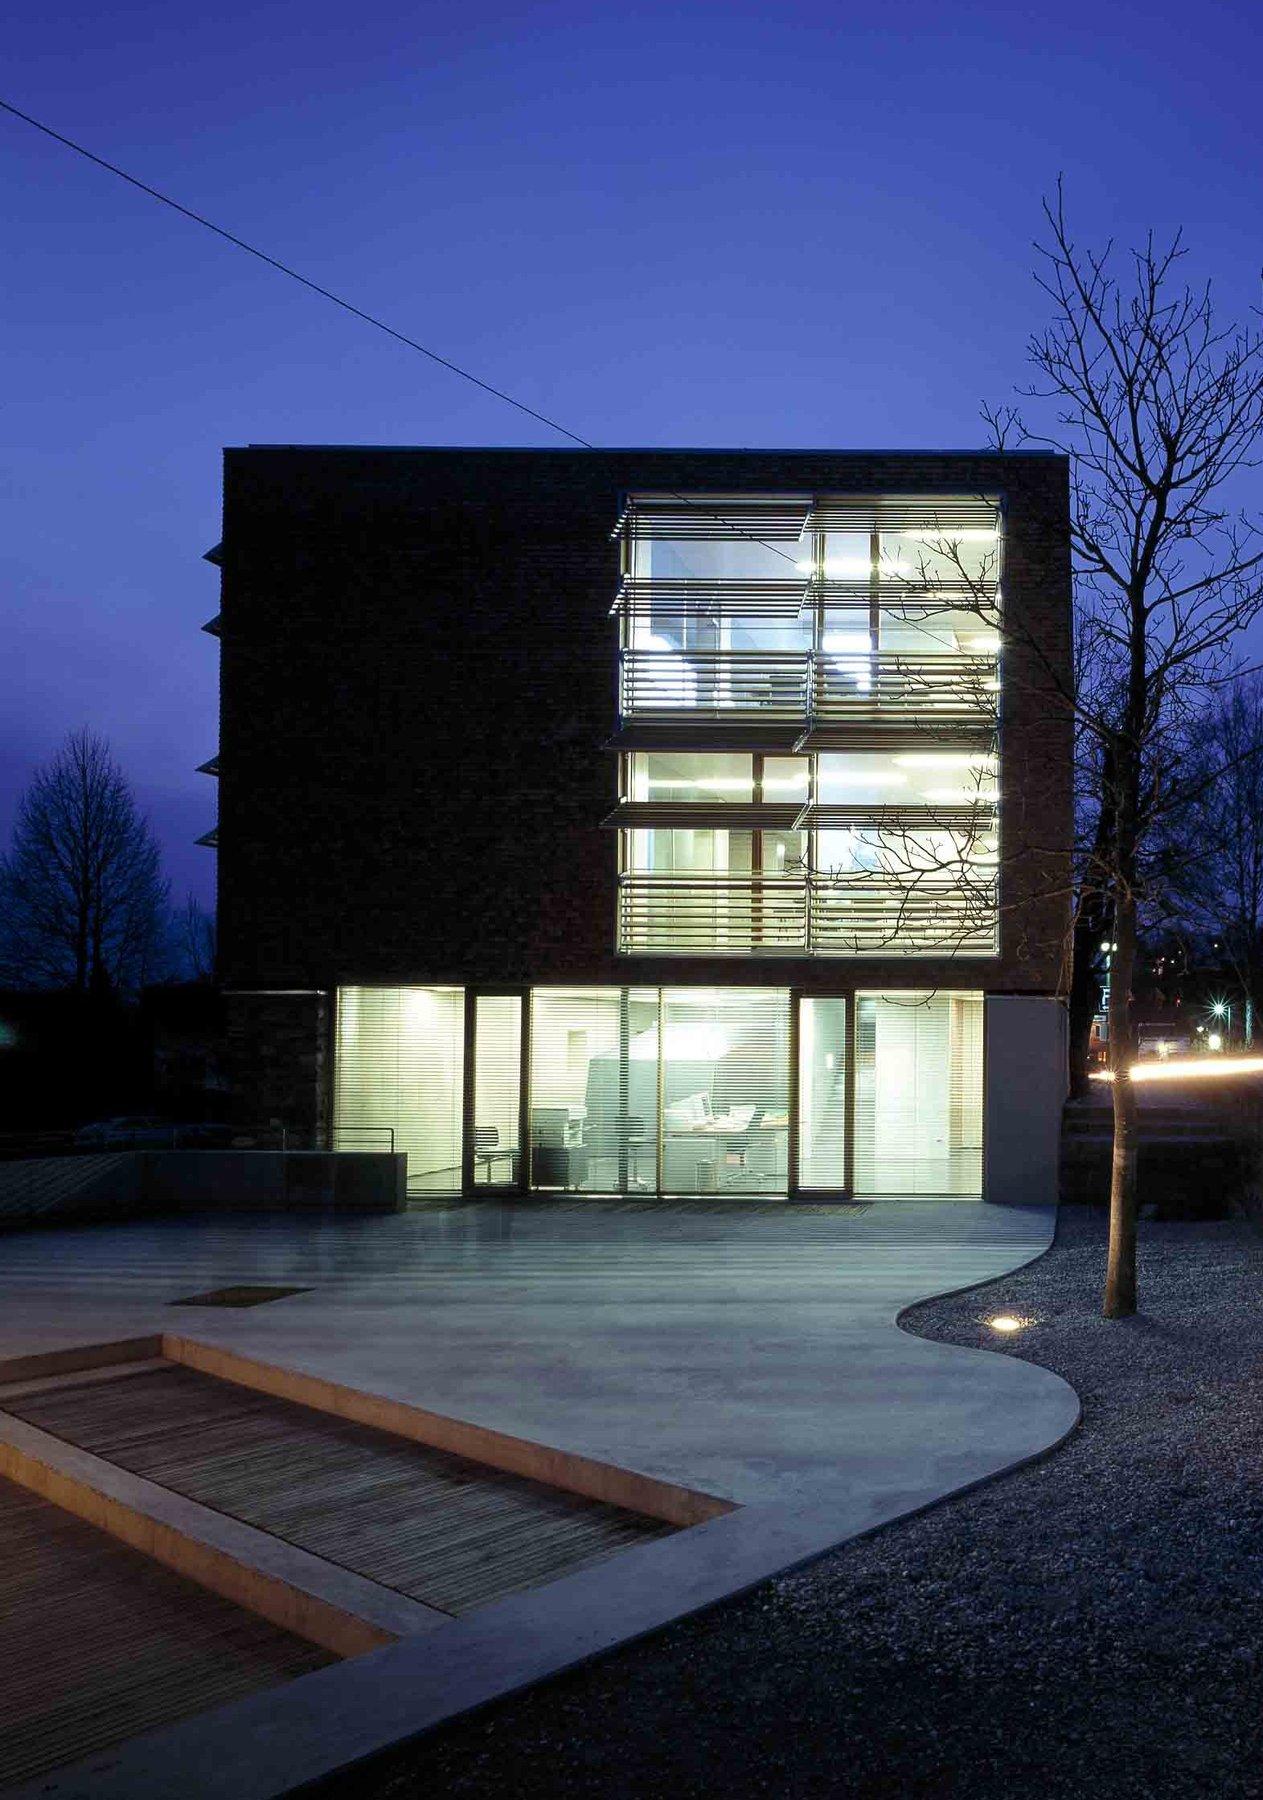 Bürohaus Frick, Röthis, drexel architekten